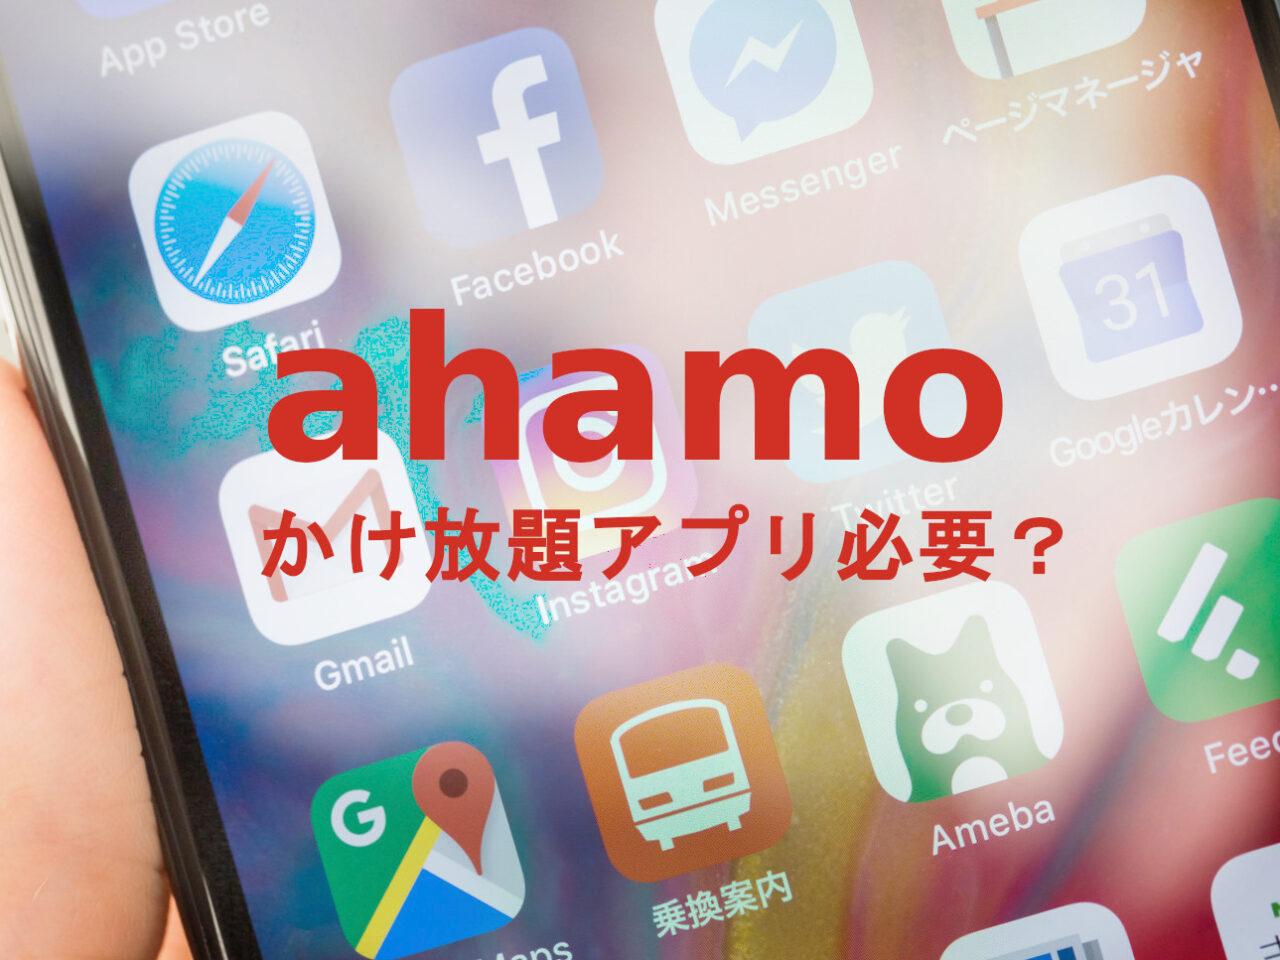 ahamo(アハモ)の通話定額かけ放題でアプリは必要?電話に専用アプリは不要?のサムネイル画像